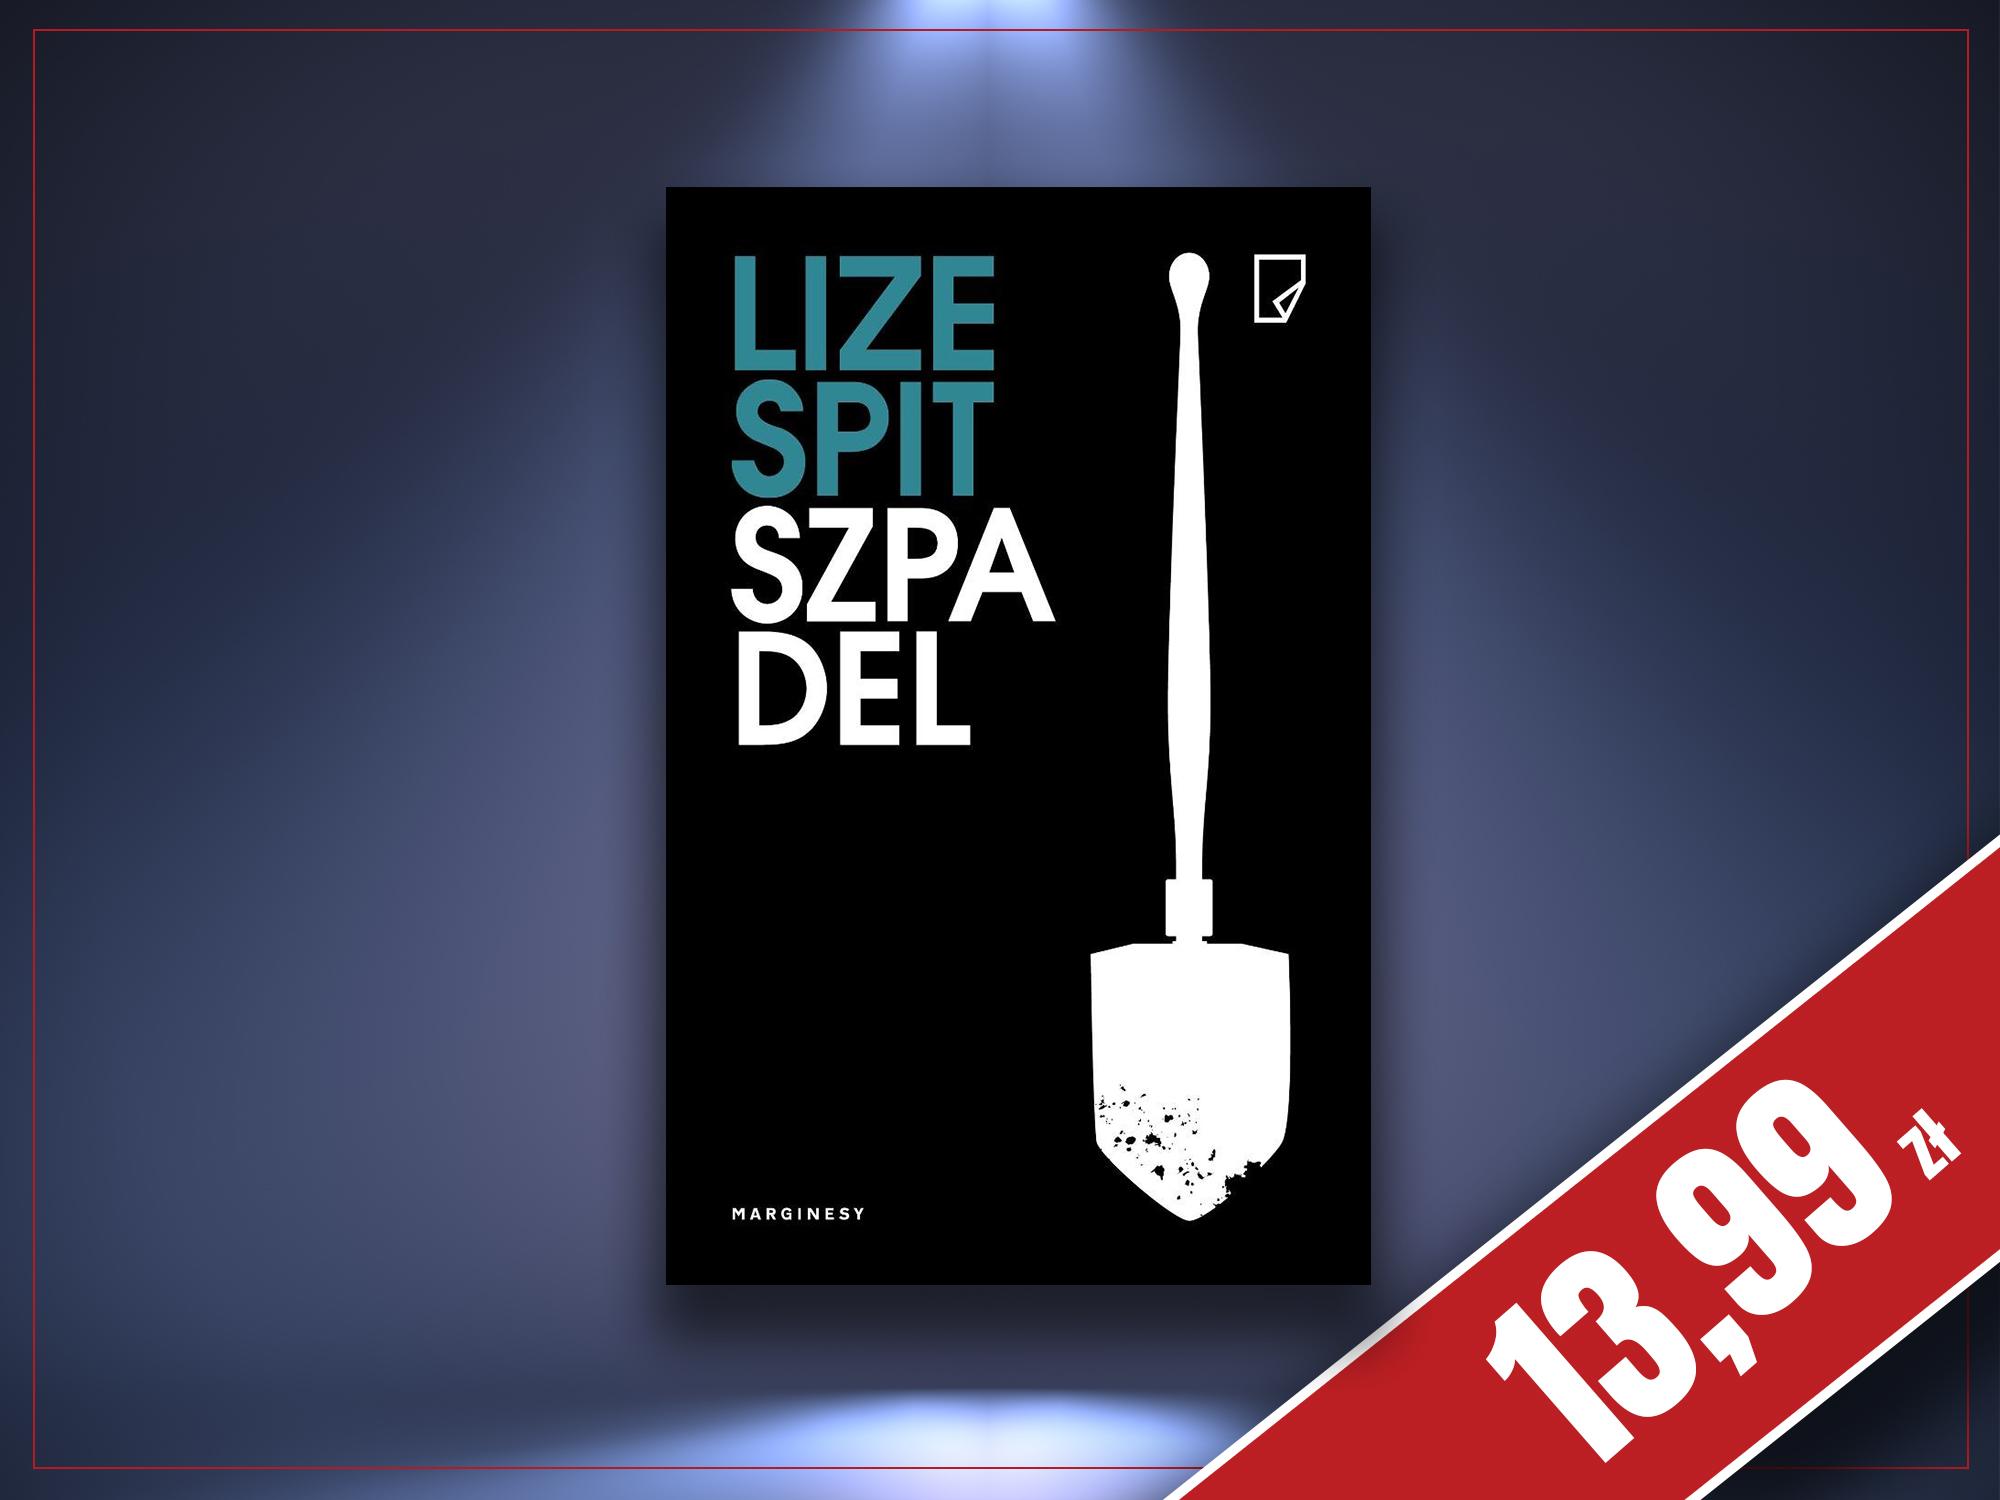 Szpadel, Lize Spit